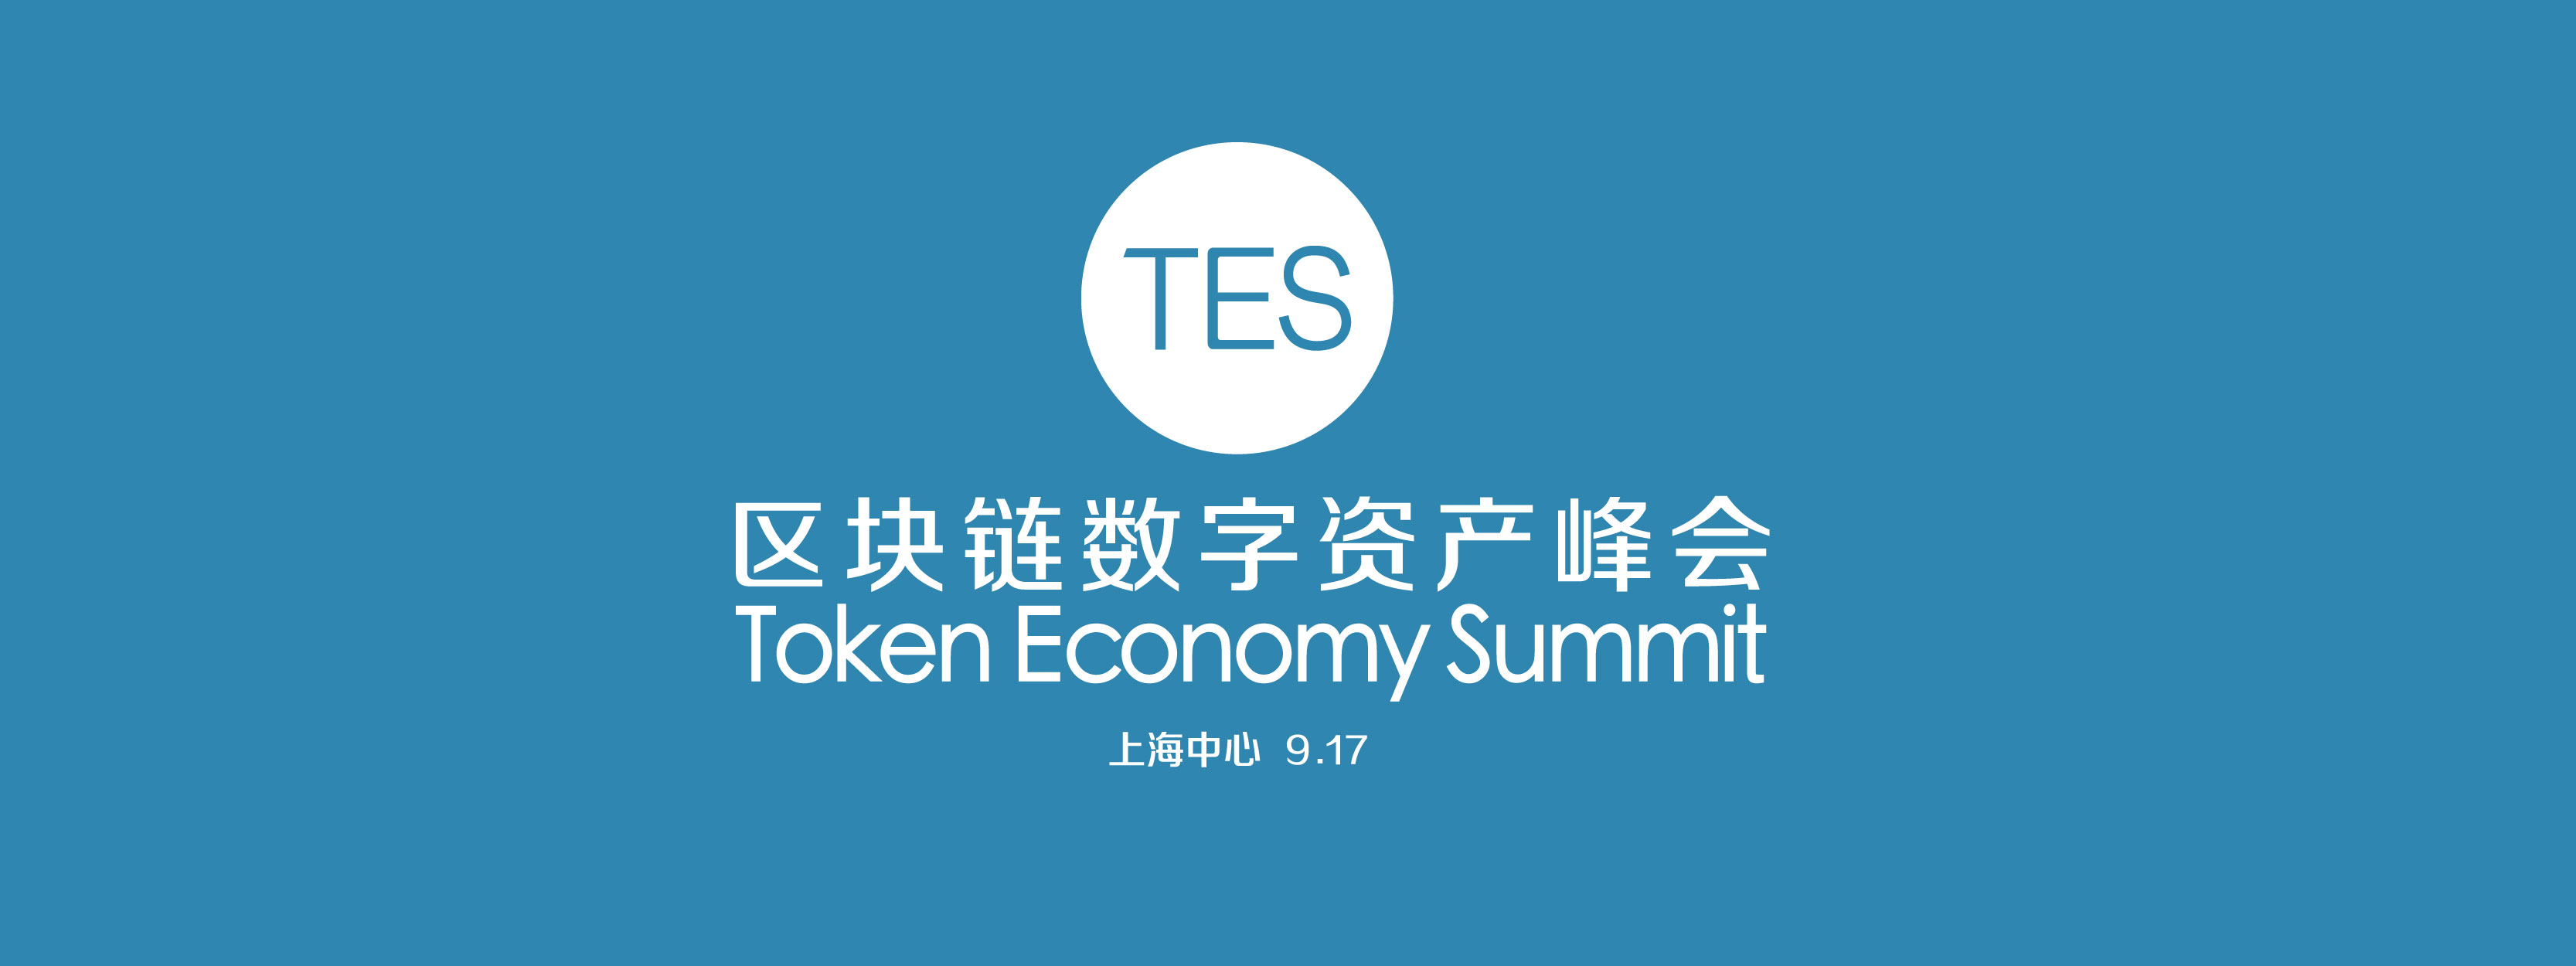 【重磅】TES(区块链数字资产全球峰会)开始报名